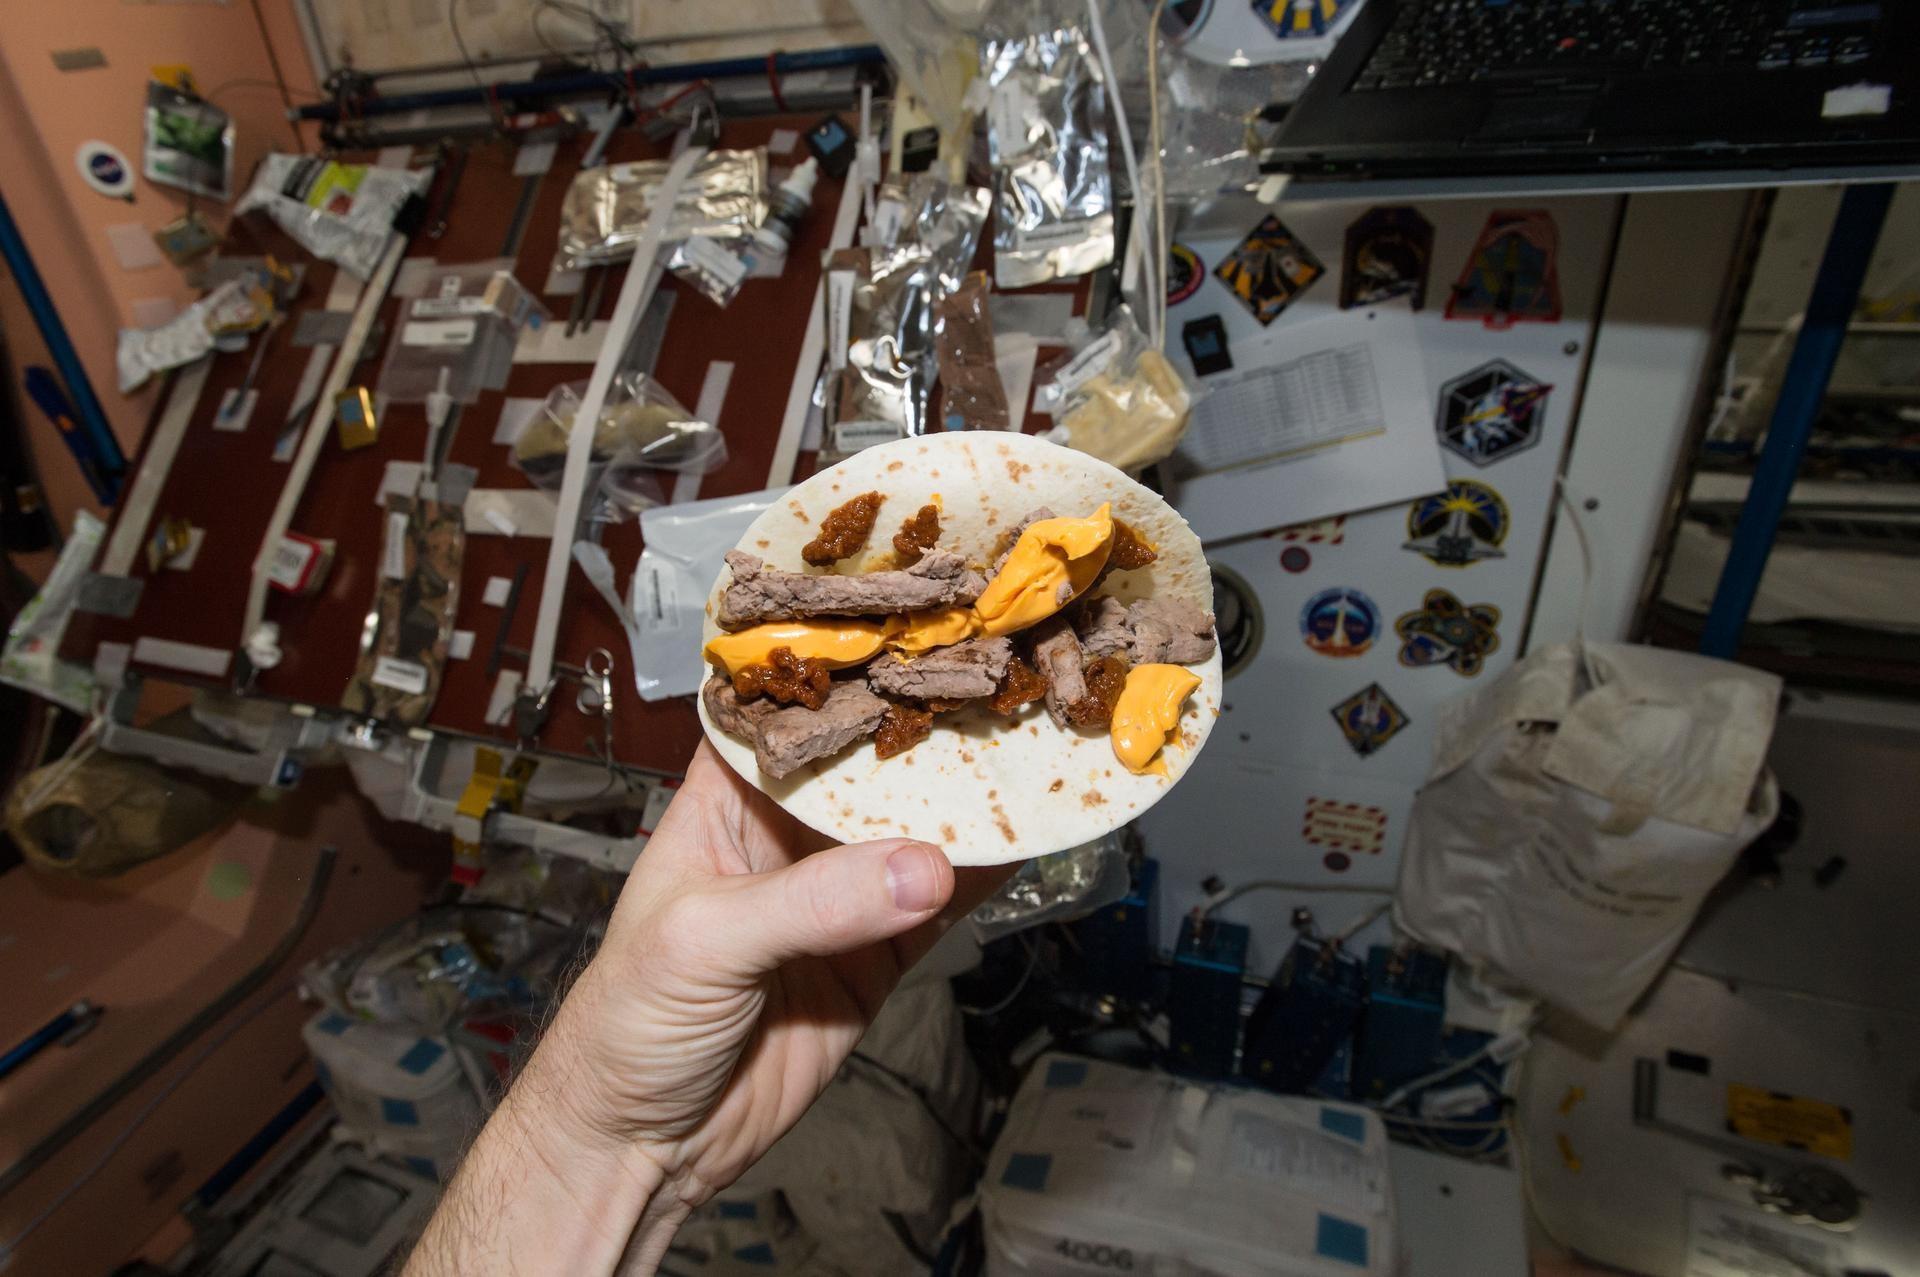 """O engenheiro espacial da NASA, Terry Virts, mostra o seu """"hambúrguer espacial"""" feito com tortilla para substituir o pão  (Foto: NASA)"""